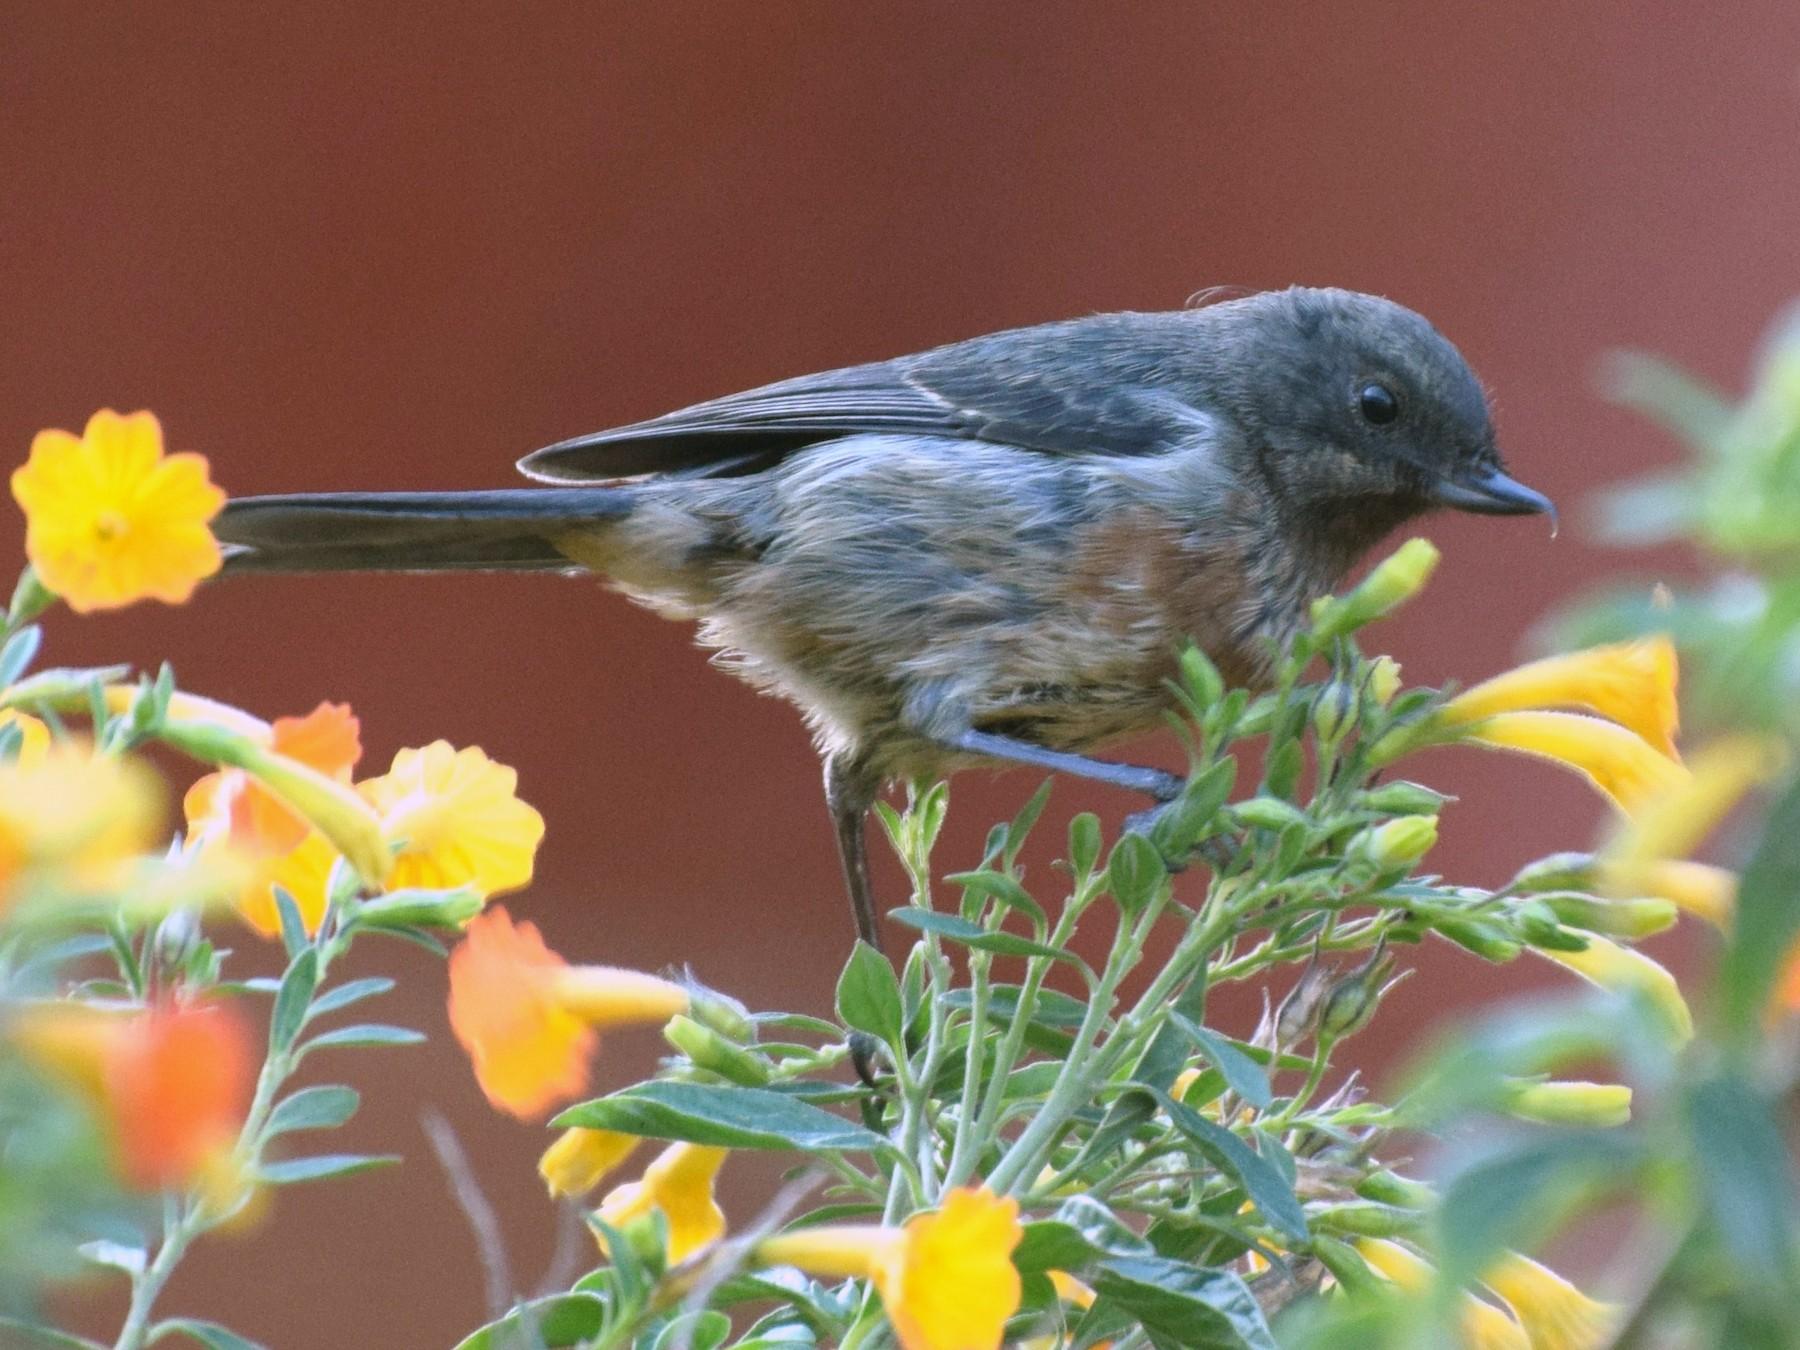 Black-throated Flowerpiercer - irina shulgina